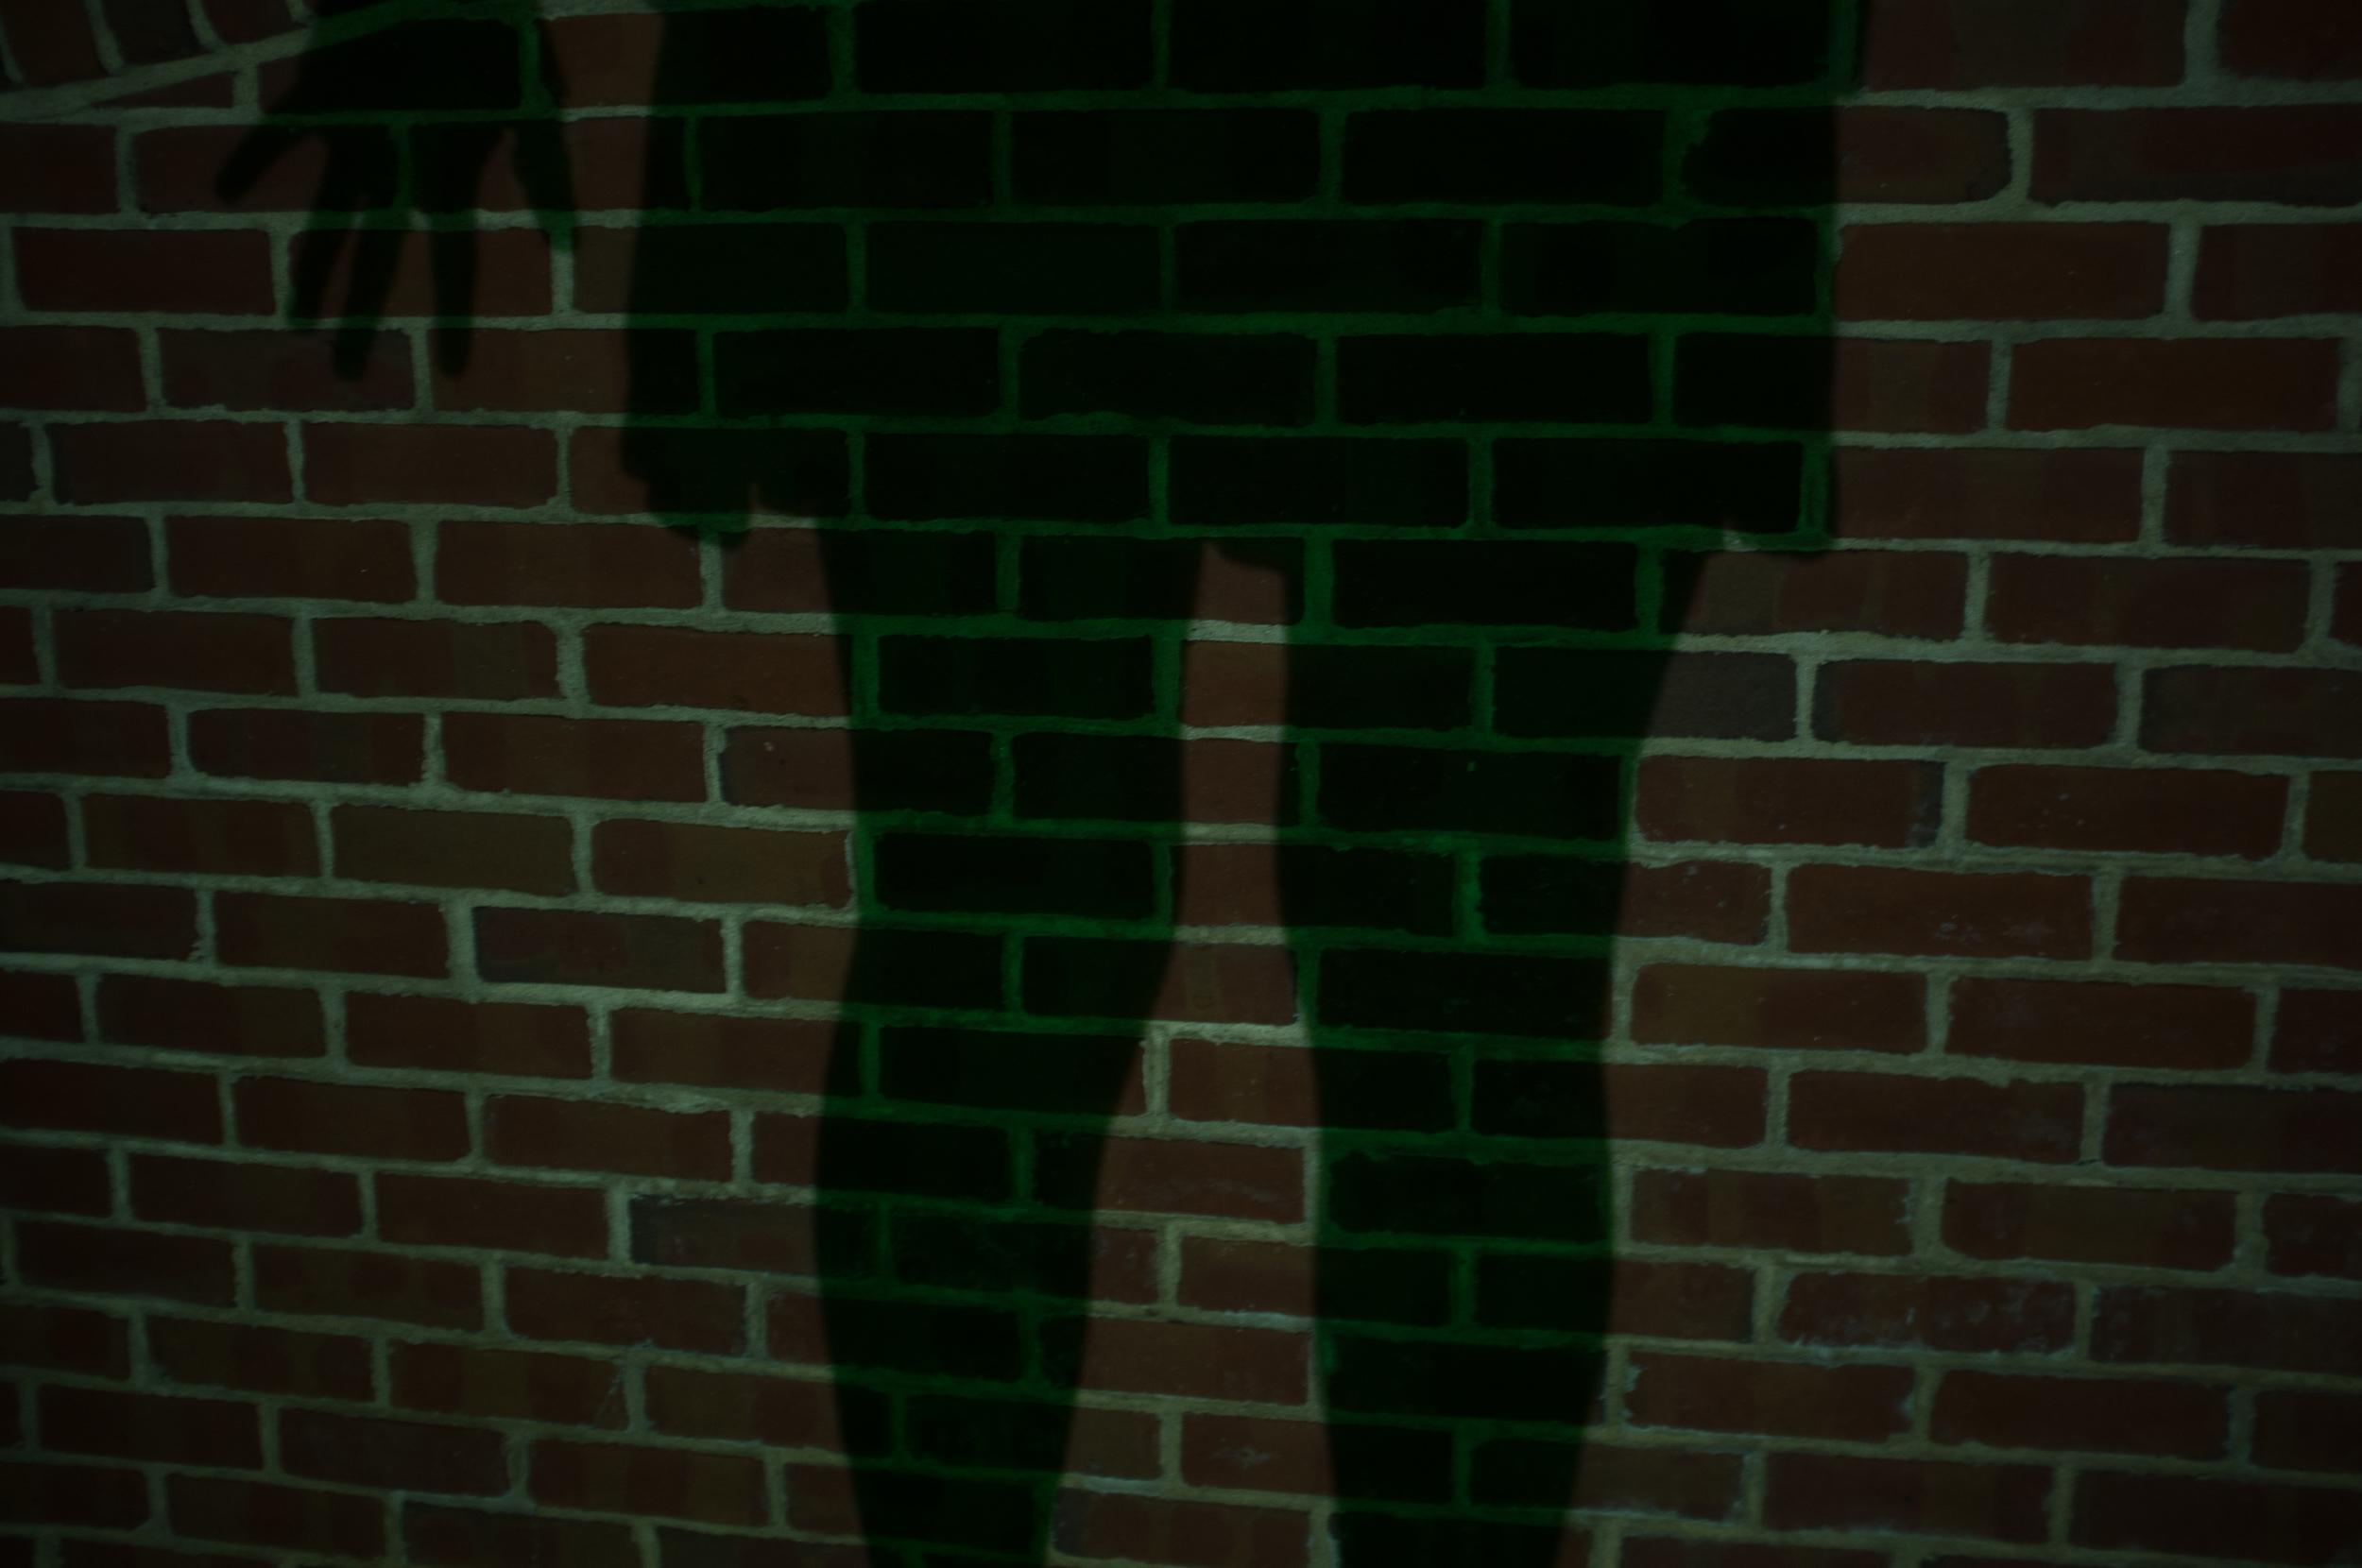 shadow   November 2014 Nashville 2014  digital capture